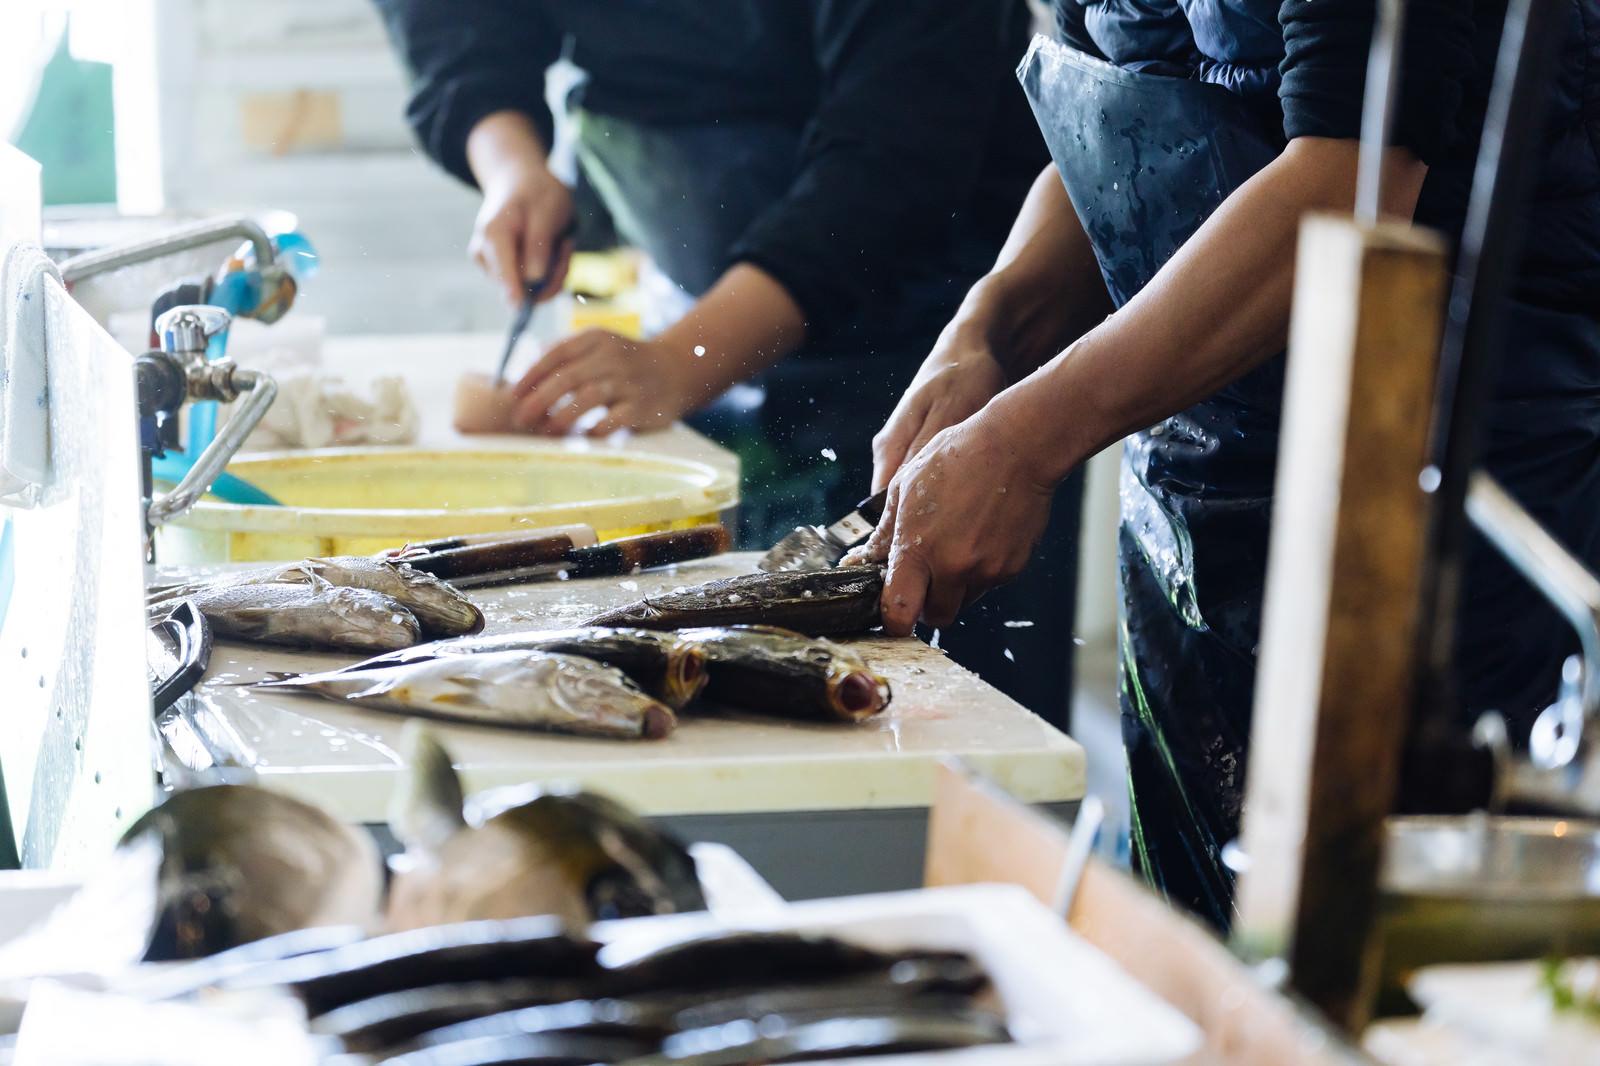 「魚のウロコ取りの様子」の写真